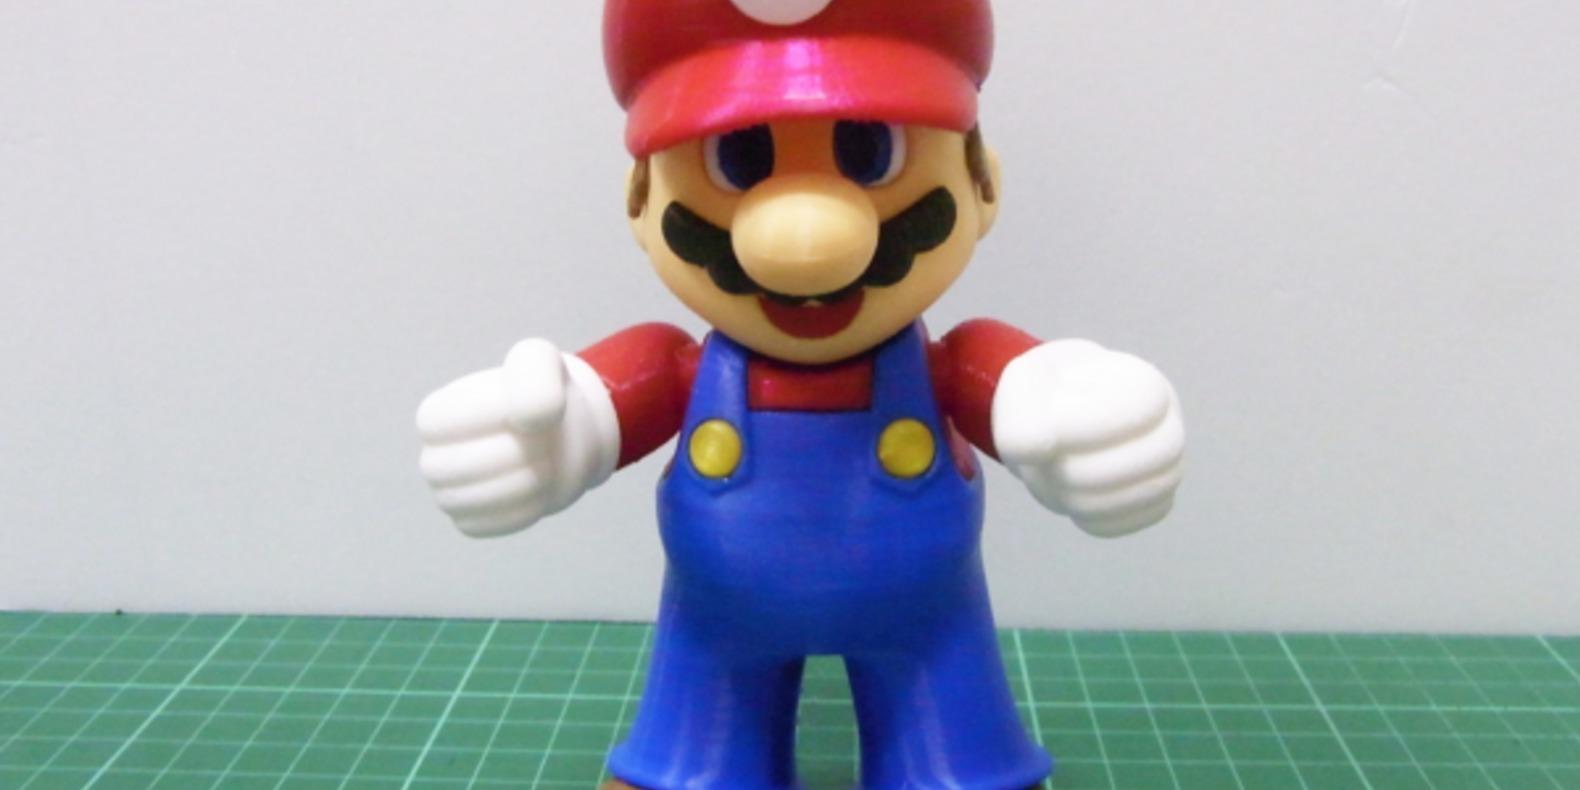 Super-Mario-modèle-3D-fichier-3D-cults-1.png